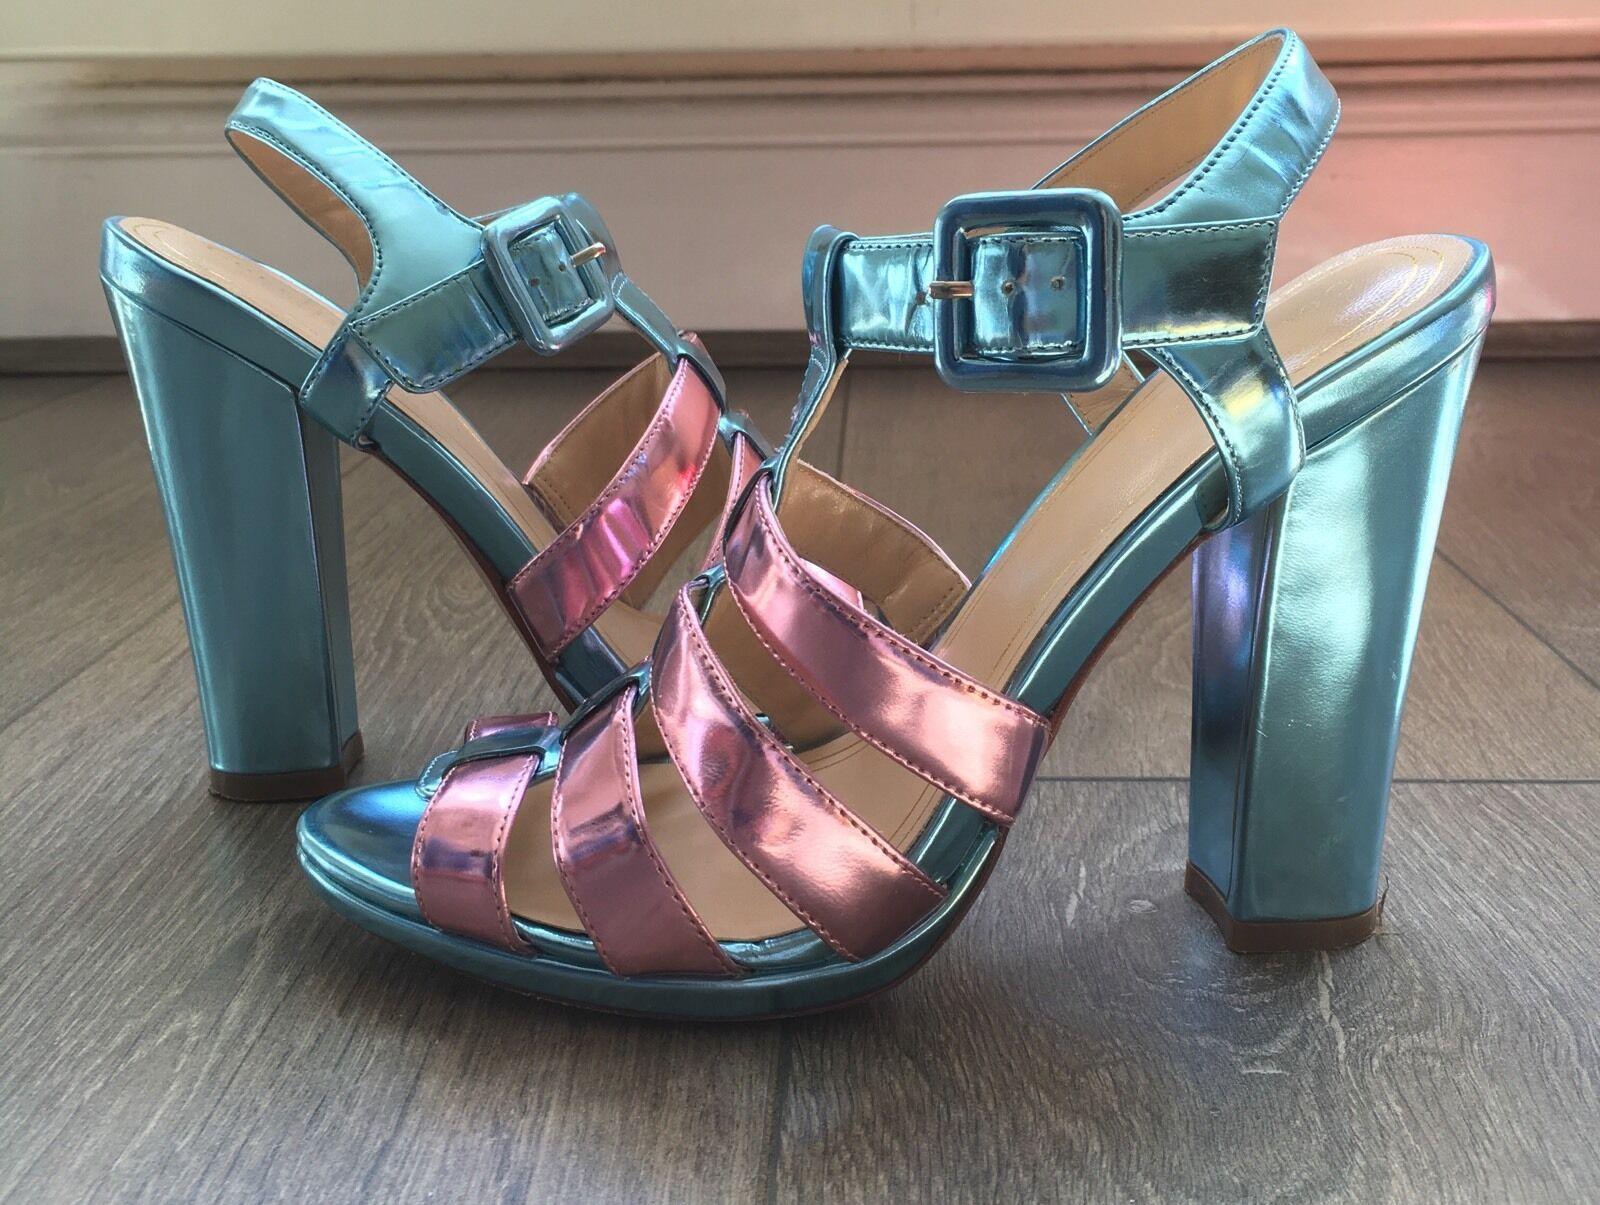 Cole Haan Melissa Tacones   Azul patente Rosa UK4 EU37 Correa Raro día noche